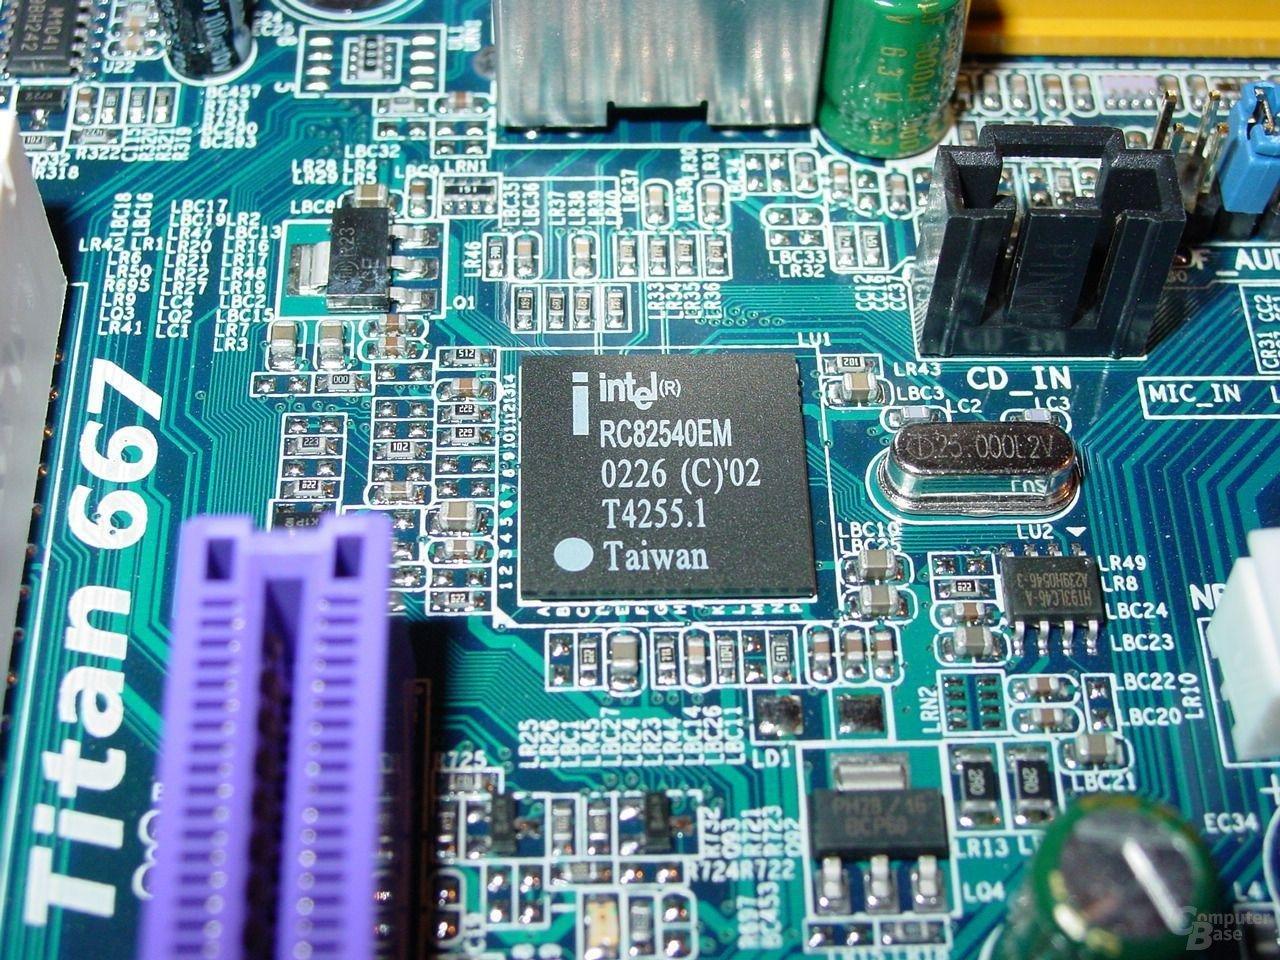 GA-8PE667 Ultra 2 - Intel LAN